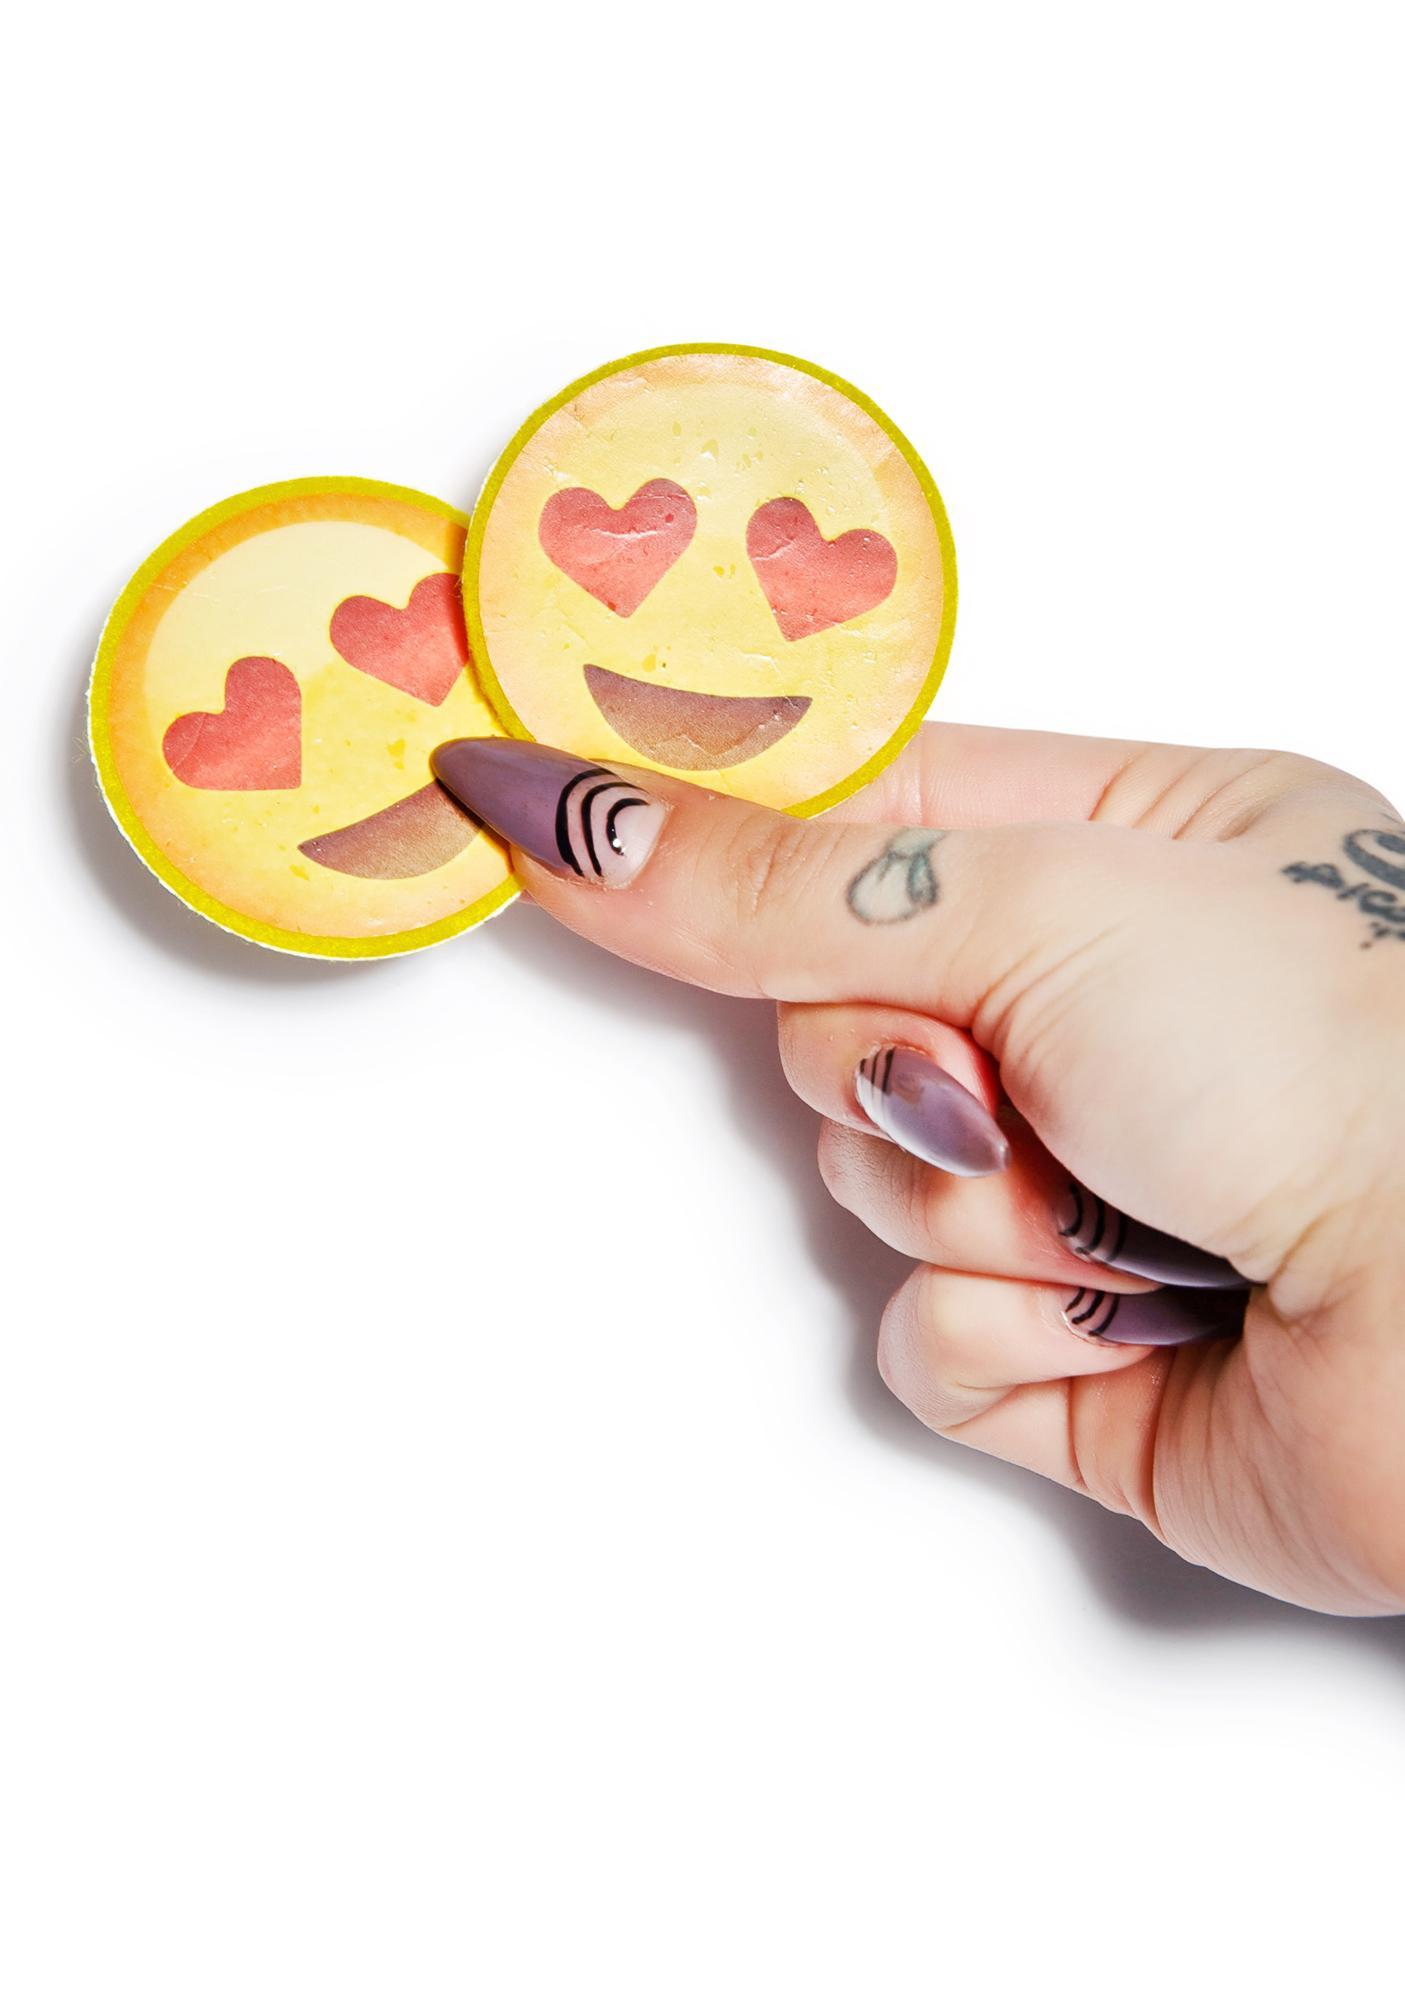 Heart Eyes Emoji Pasties